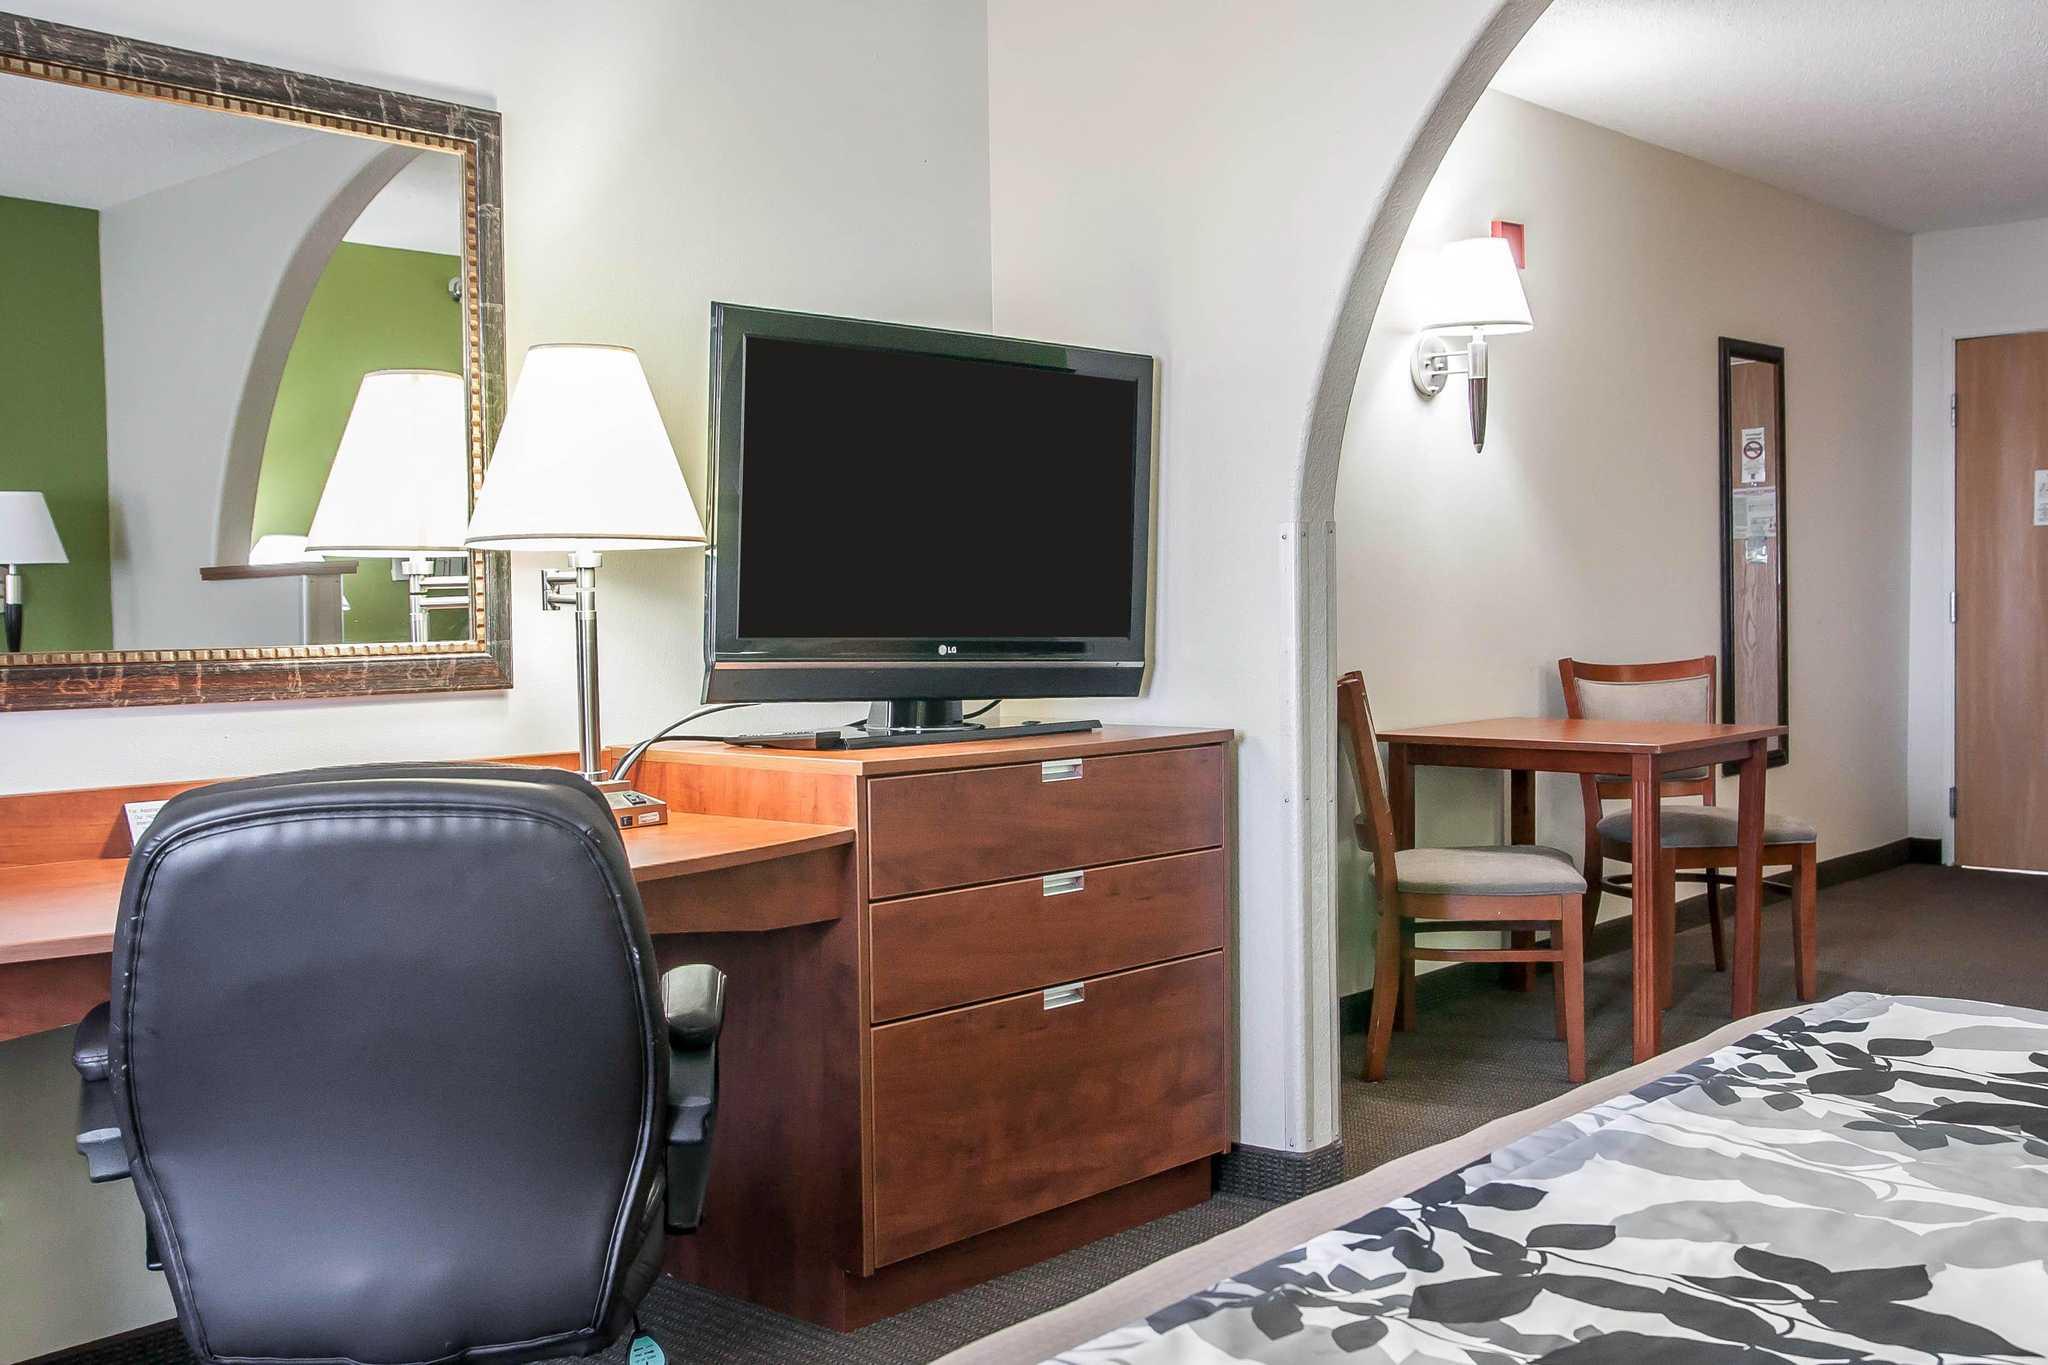 Sleep Inn & Suites image 39